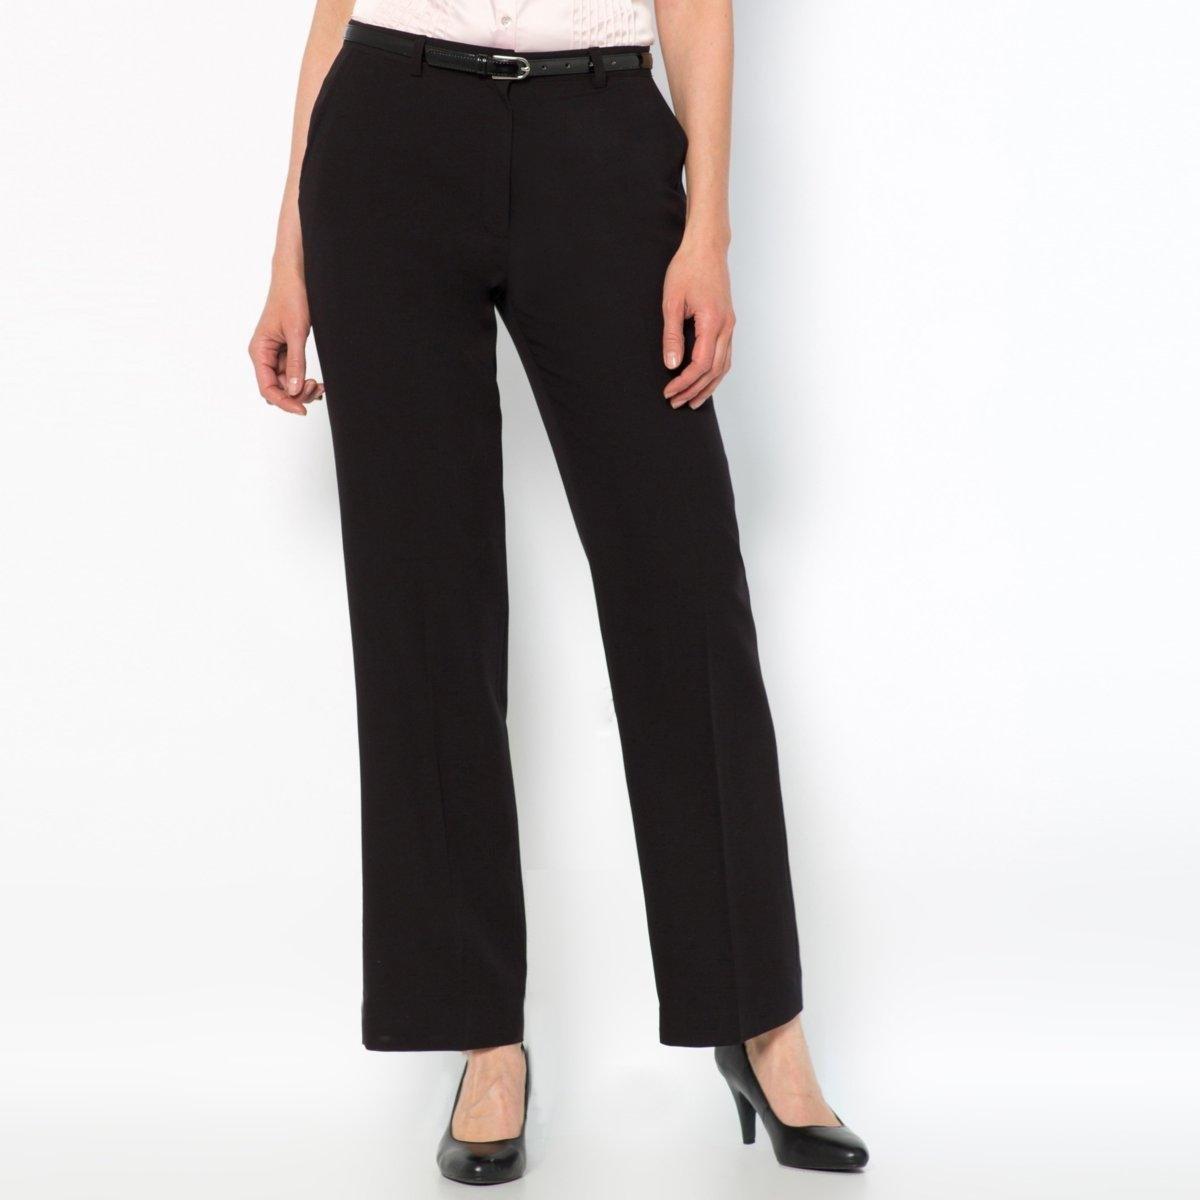 Брюки из комфортной ткани стрейчУдобные брюки из красивой саржи стрейч . Пояс со шлевками. Застежка на молнию и пуговицу спереди . Косые карманы. Косые карманы. Ложные прорезные карманы с пуговицами сзади . Стрелки спереди и сзади . Состав и детали :Материал : Саржа стретч, 75% полиэстера, 19% вискозы, 6% эластана . Длина по внутр.шву 78 см, ширина по низу 24 см.Марка : Anne WeyburnУход :Машинная стирка при 30° в умеренном режиме .Гладить на низкой температуре.<br><br>Цвет: серо-коричневый,серый меланж,черный<br>Размер: 40 (FR) - 46 (RUS).44 (FR) - 50 (RUS).46 (FR) - 52 (RUS).52 (FR) - 58 (RUS).44 (FR) - 50 (RUS).50 (FR) - 56 (RUS).38 (FR) - 44 (RUS).40 (FR) - 46 (RUS).42 (FR) - 48 (RUS).48 (FR) - 54 (RUS)